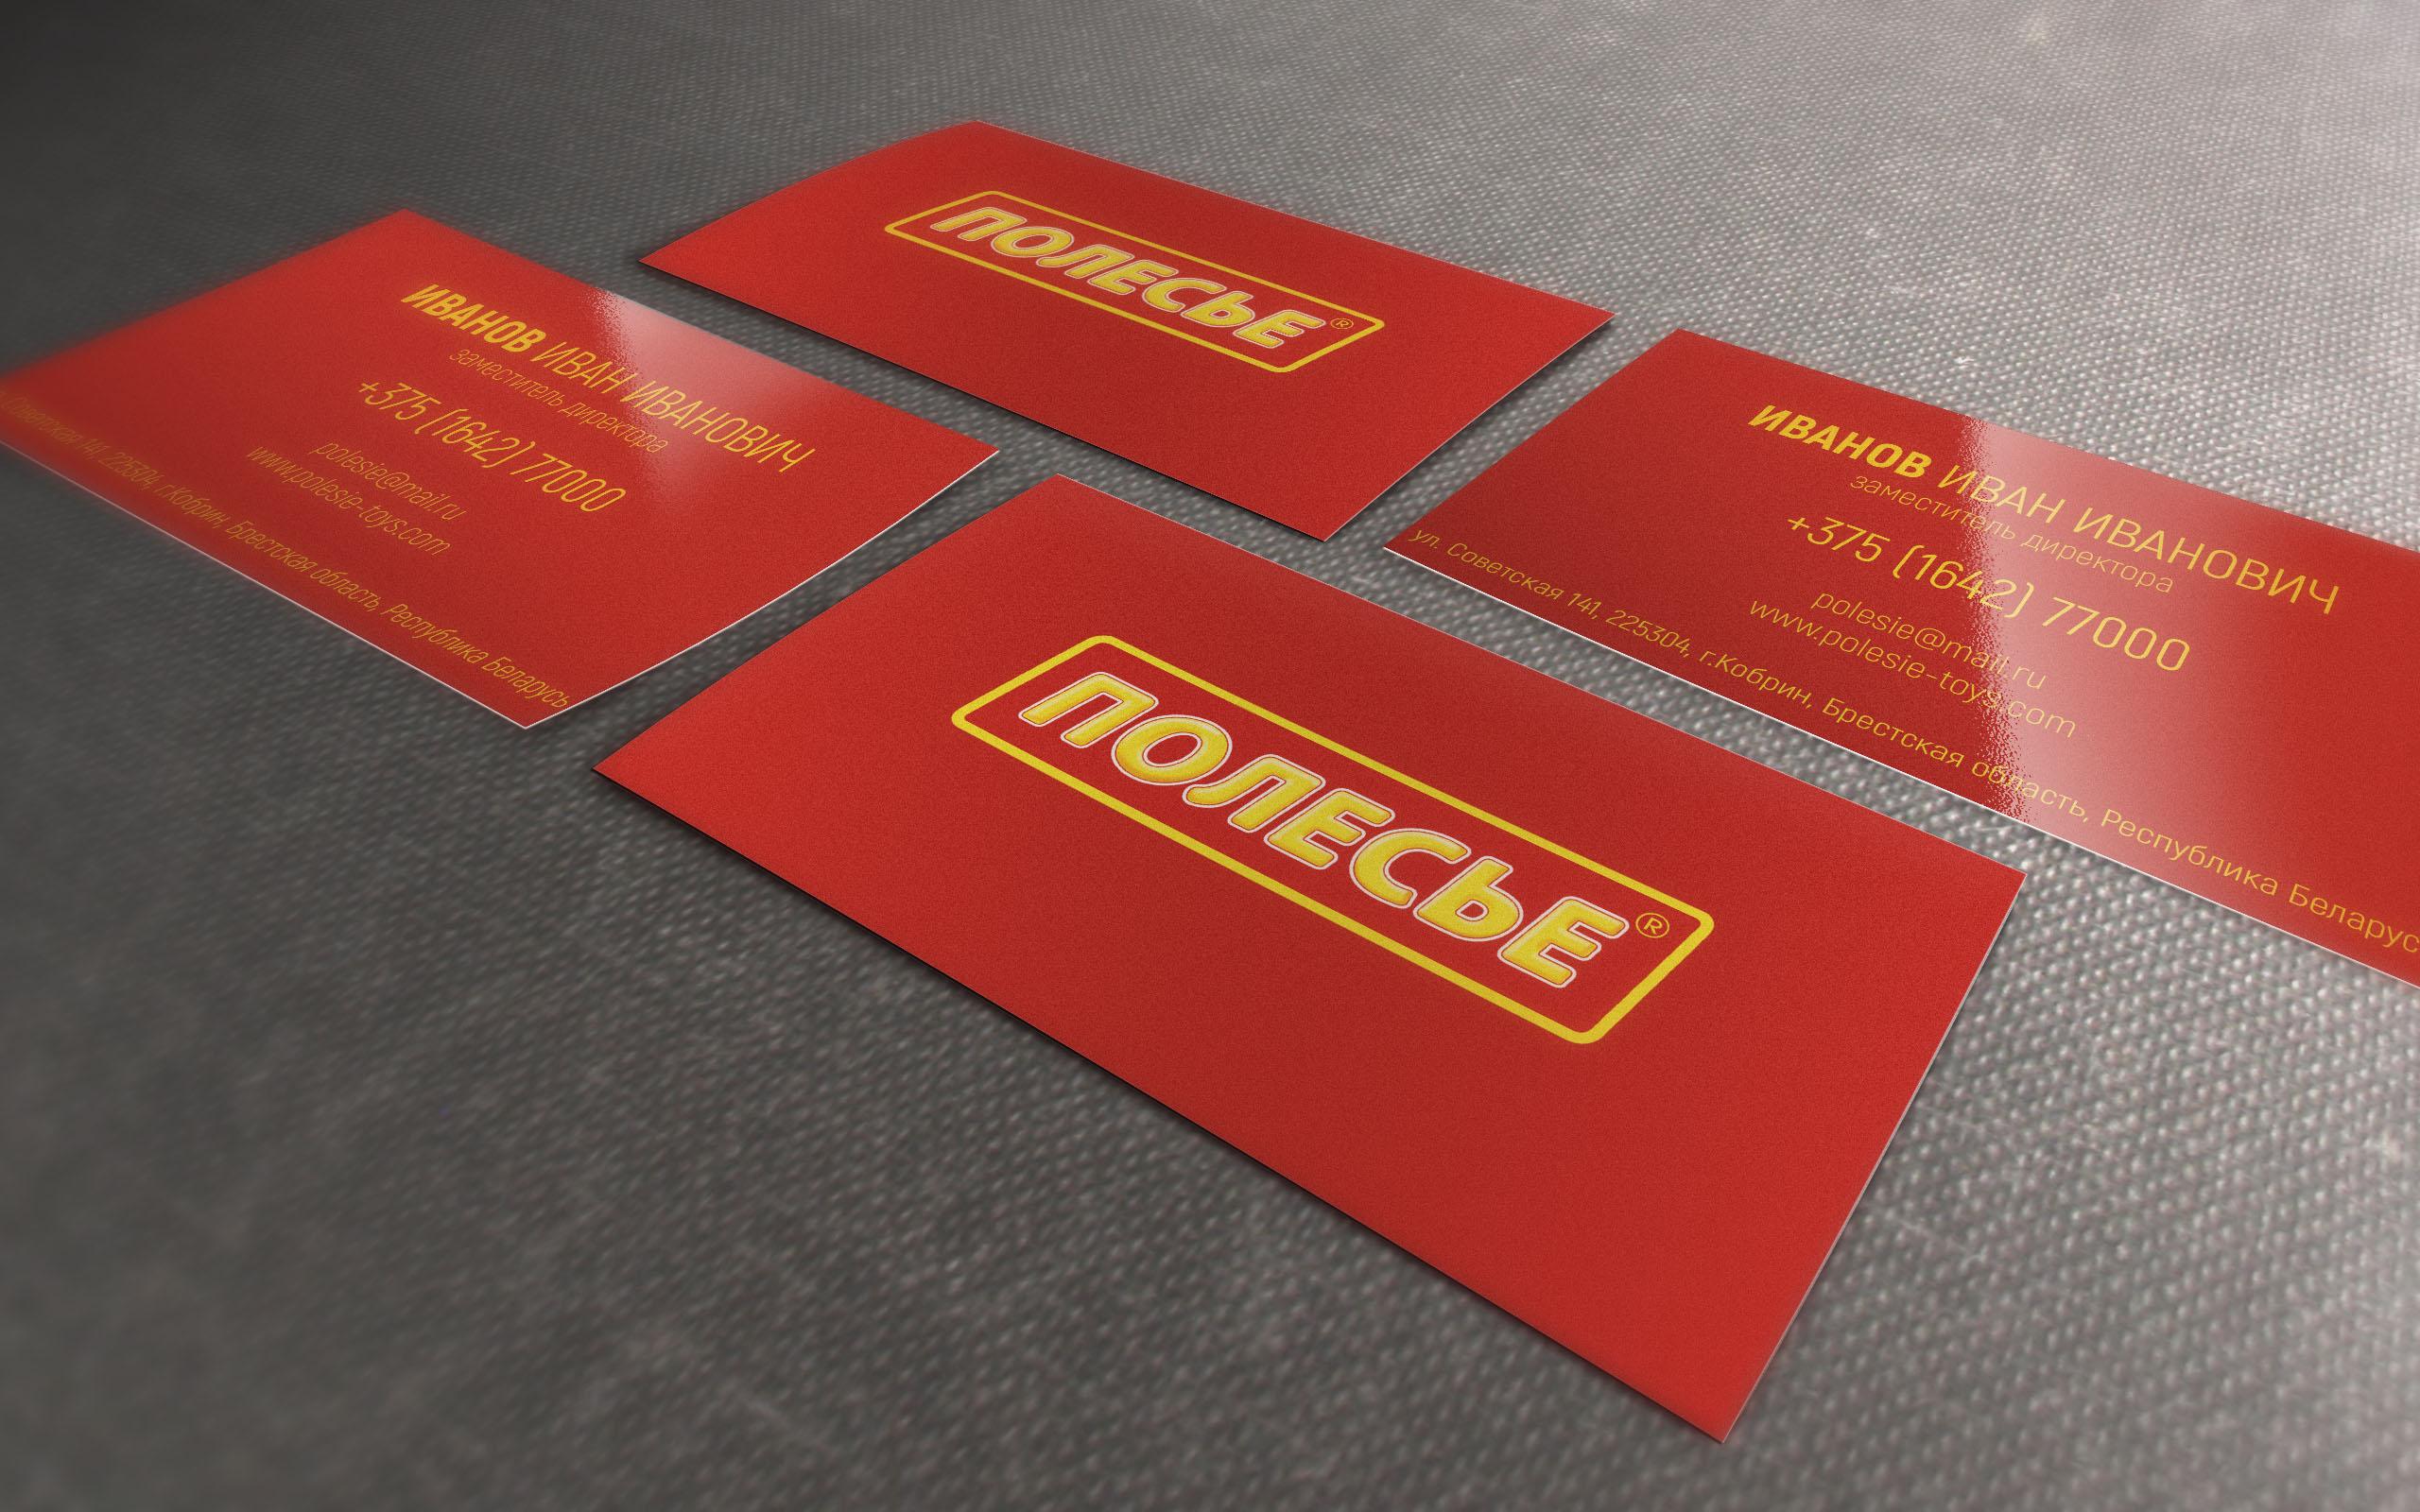 Разработка фирменного стиля на основании готового логотипа фото f_3755aa6648647e0c.jpg